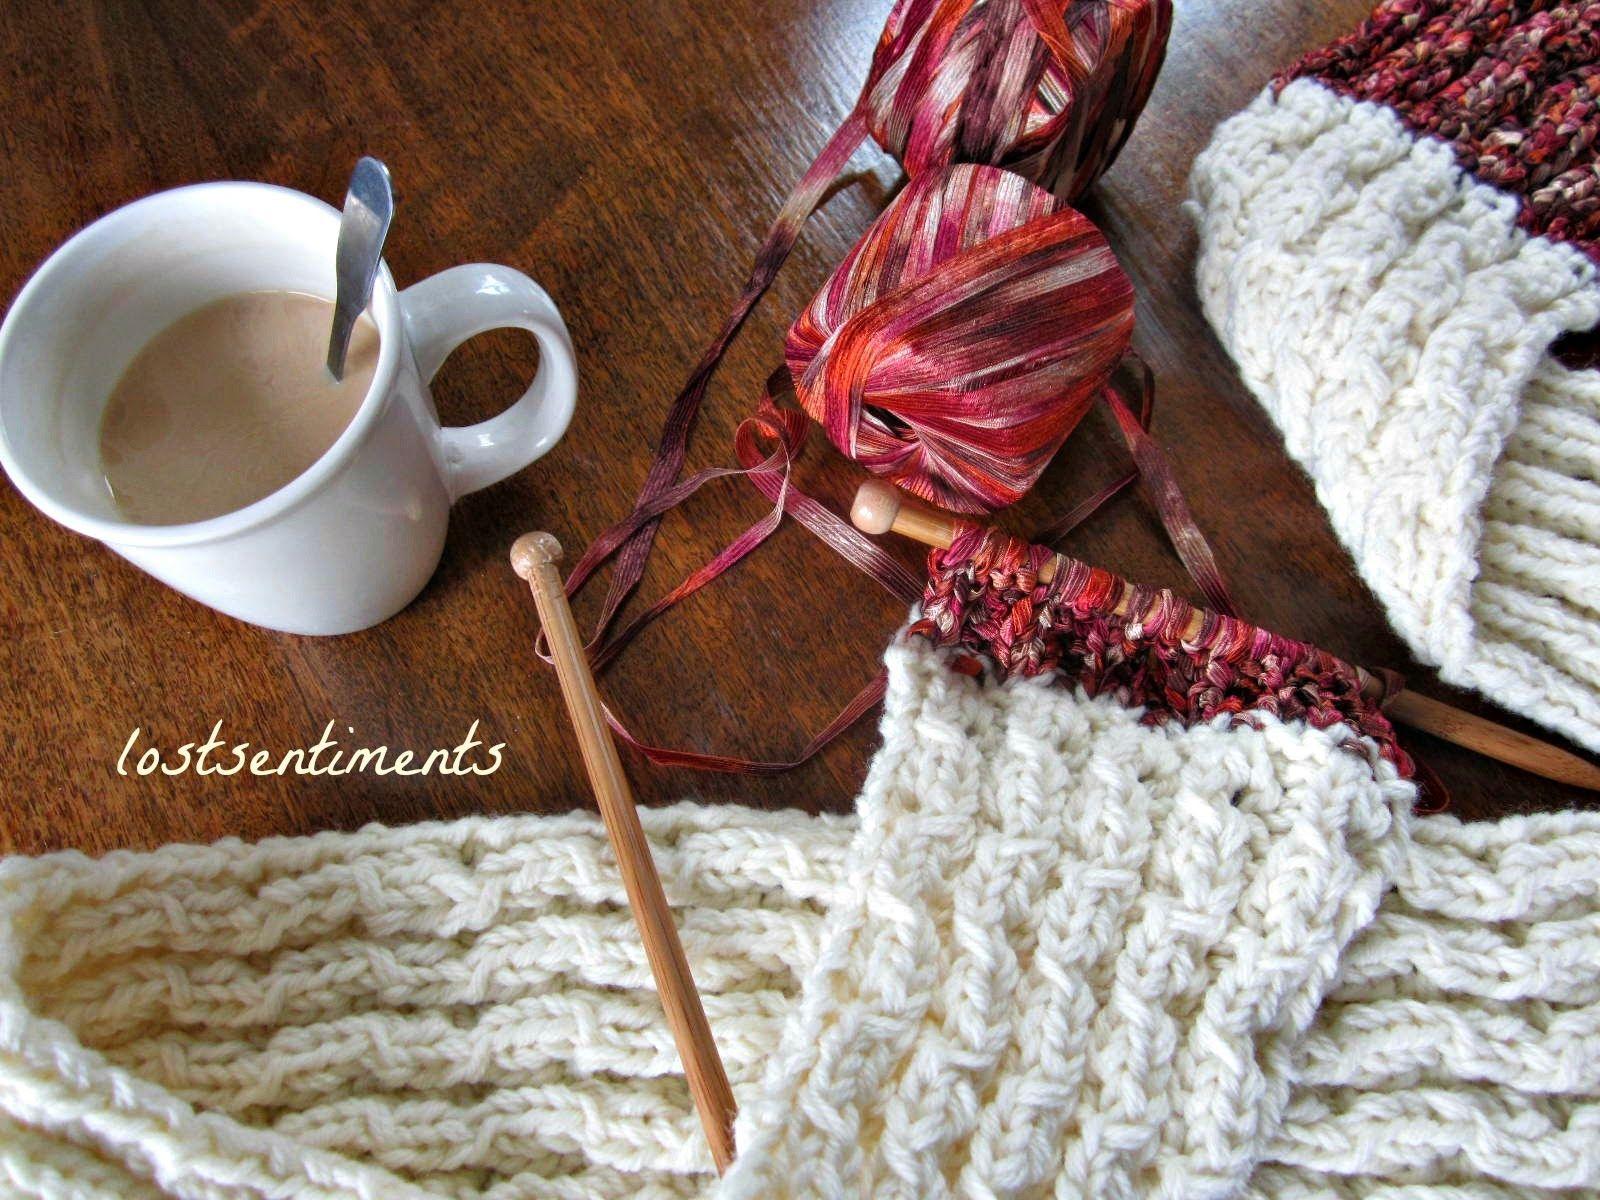 lostsentiments: Coconut Milk Peekaboo Lace Scarf Pattern - FREE ...